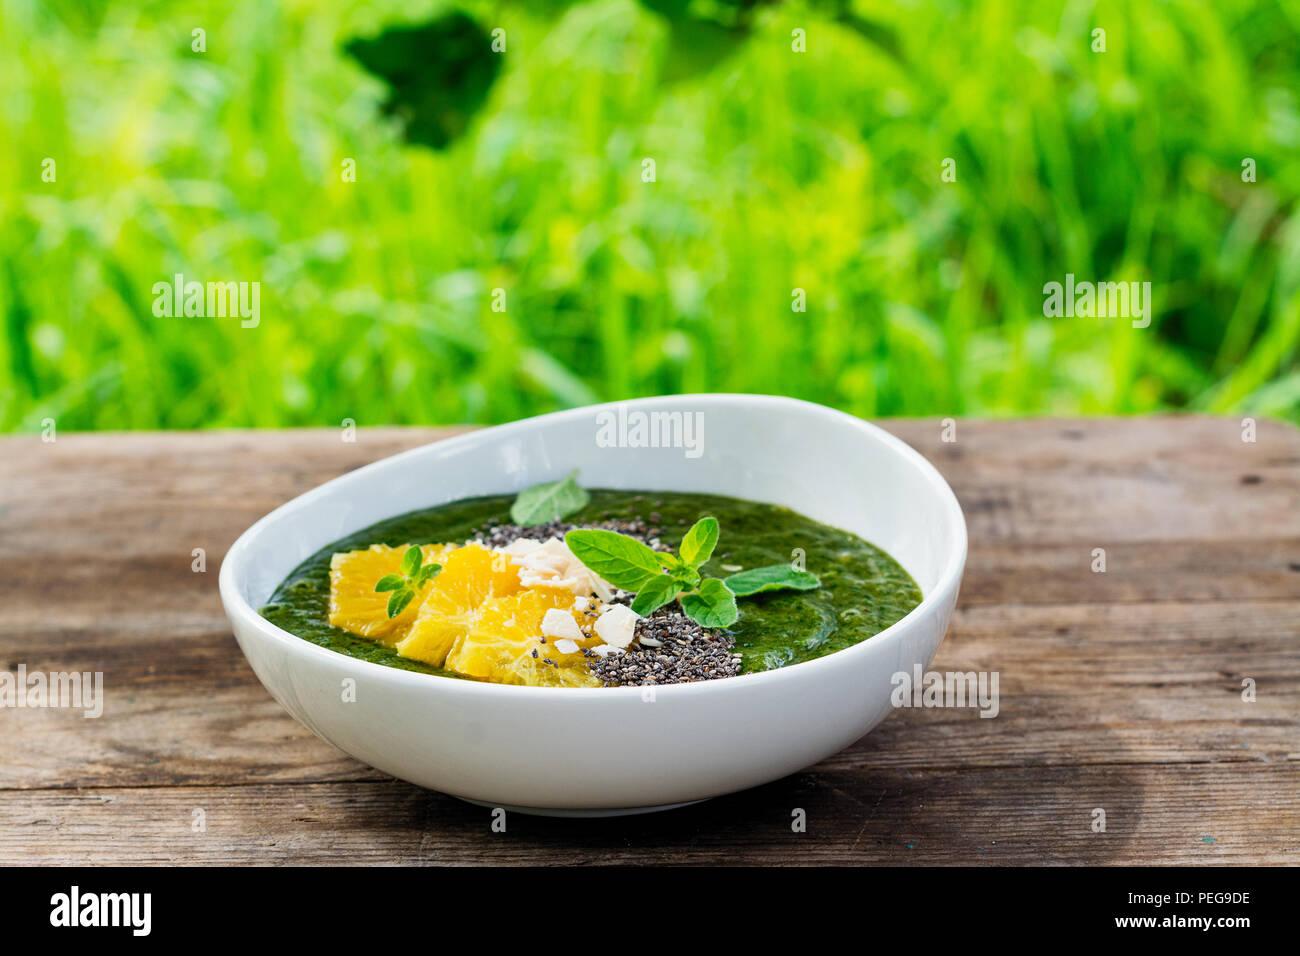 Grüne smoothie Schüssel mit Banane, Spinat, Chia Samen und Orangen Stockbild